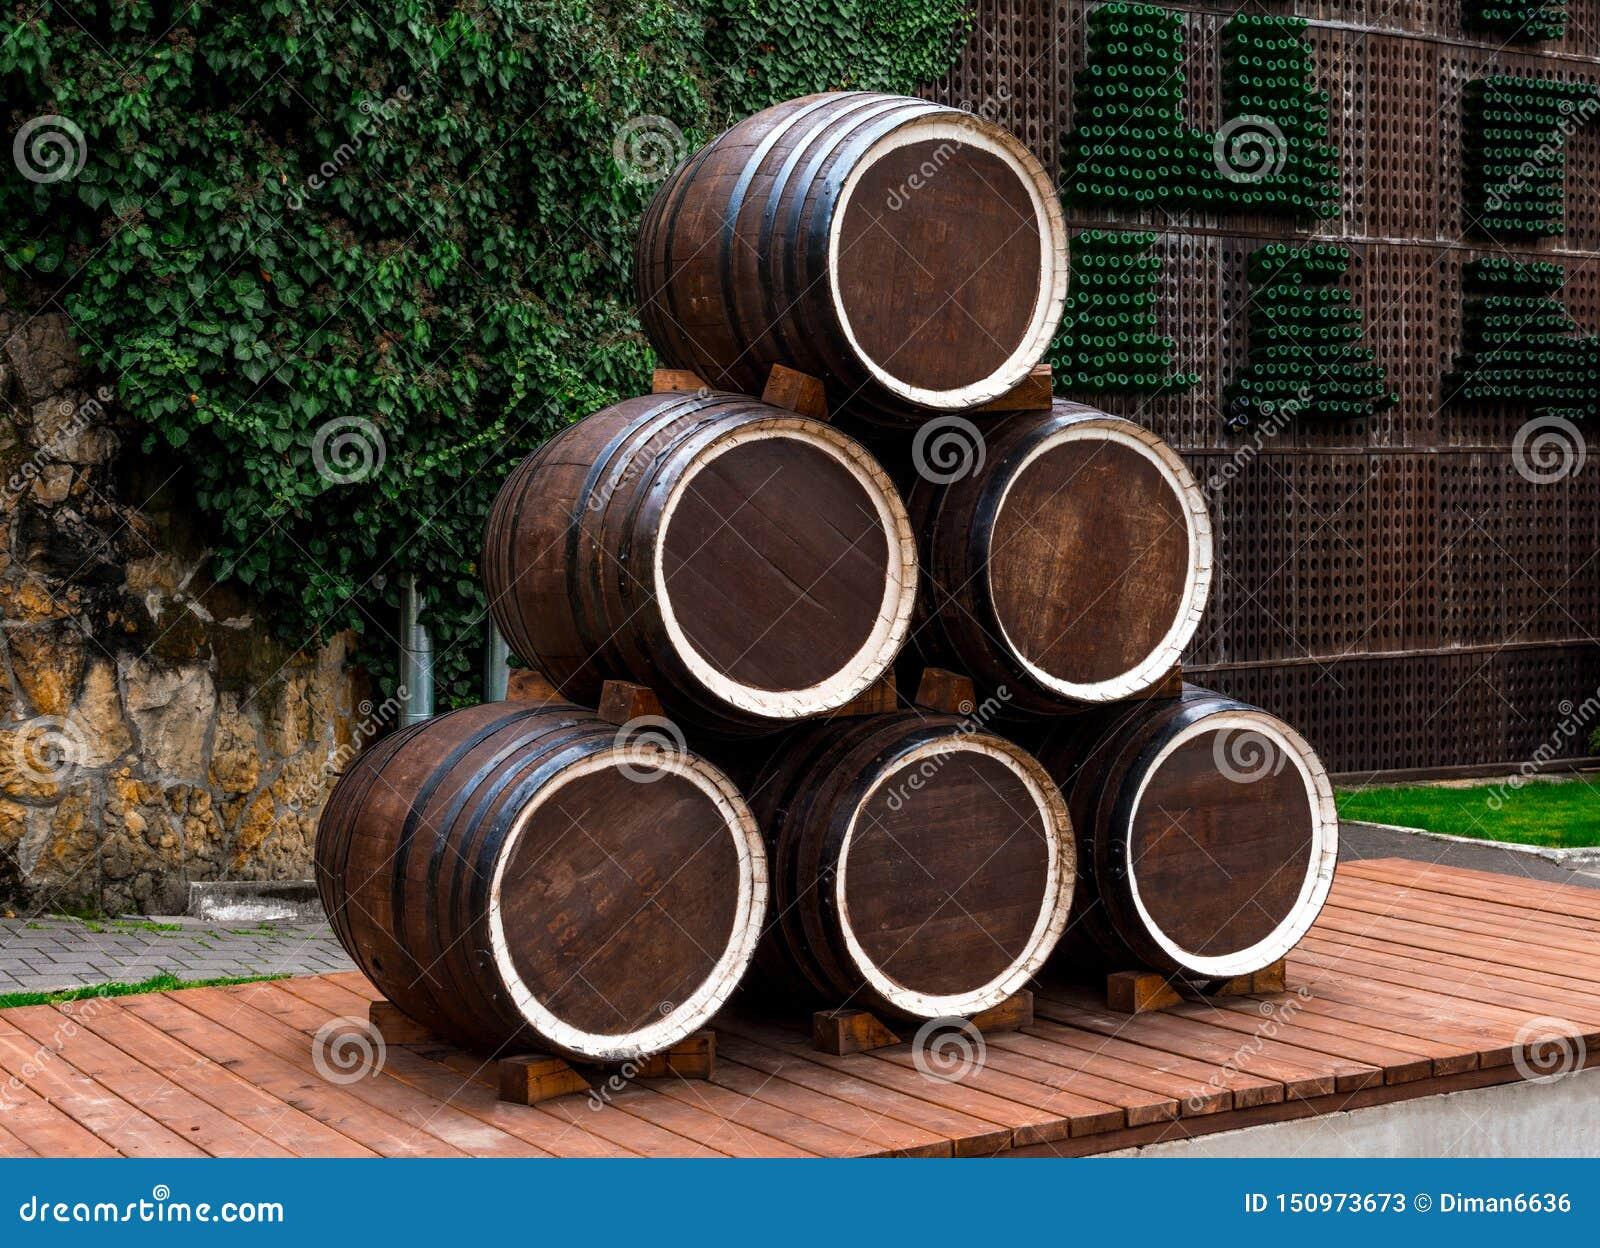 Abrau-Durso, barils de vin en bois composés d une pyramide sur une plate-forme des conseils, à l arrière-plan un mur en pierre en